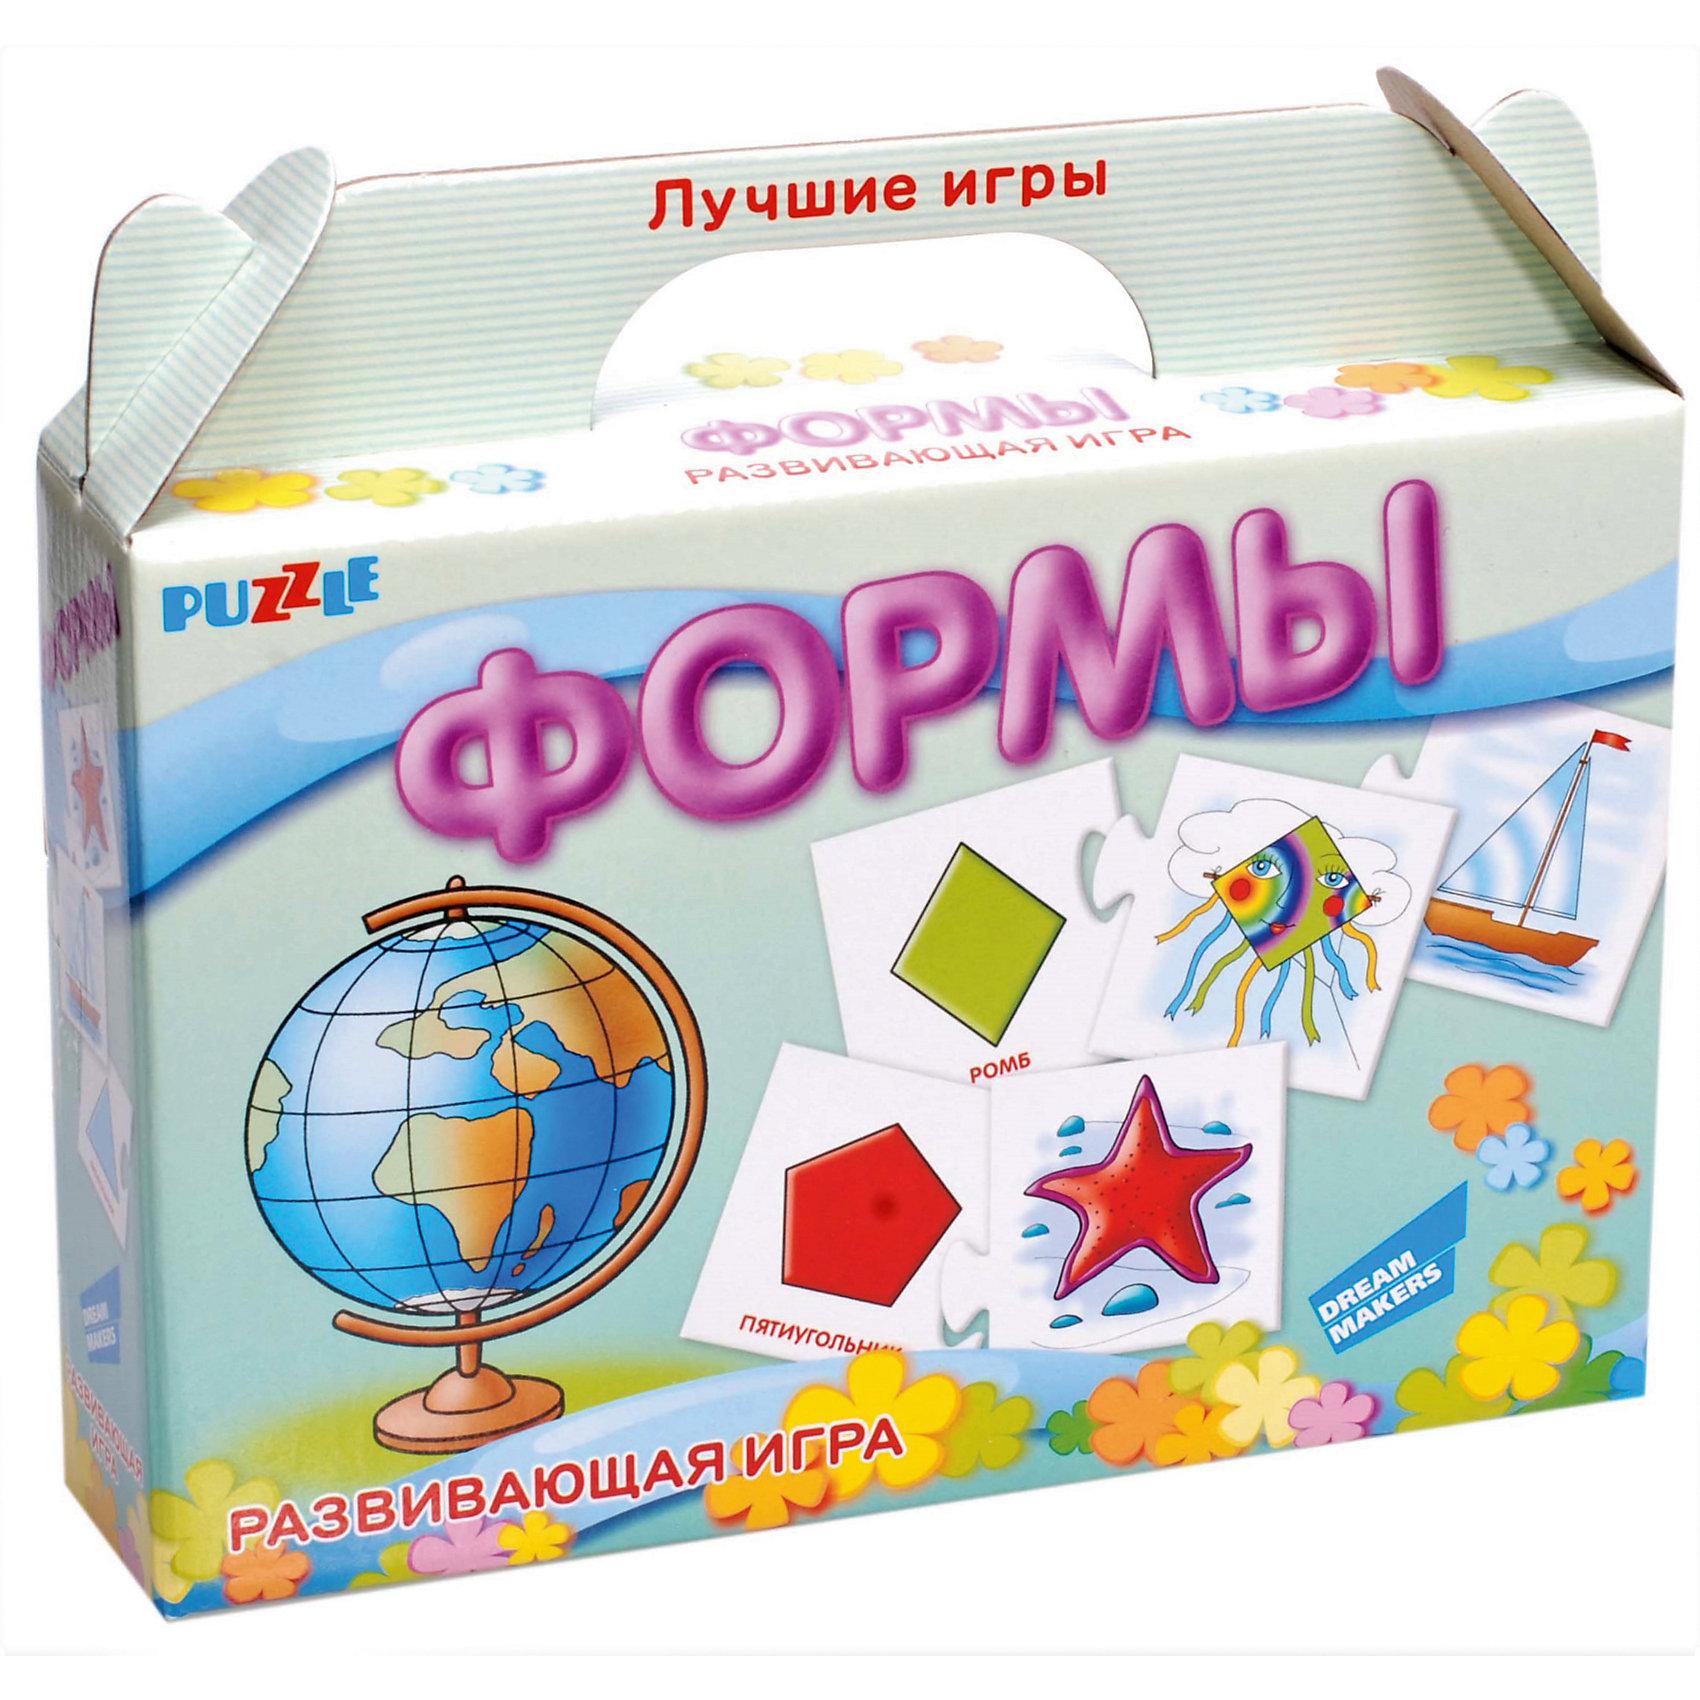 Развивающая игра-пазл Формы Dream makers (20 деталей)Изучаем цвета и формы<br>Характеристики товара:<br><br>• возраст: от 3 лет;<br>• количество деталей: 10 пар карточек;<br>• из чего сделана игрушка (состав): картон;<br>• вес: 100 гр.;<br>• размер упаковки: 21,5х18,5х5 см;<br>• страна: Беларусь .<br><br>Отложите в сторону скучные занятия! Меняйте простое заучивание на познавательные игры. Используйте парные картинки — ищите с ребёнком ассоциативные связи и логические цепочки между изображениями. Помогите малышу выучить цвета и геометрические фигуры вместе с настольной развивающей игрой «Формы».<br><br>Начните занятия с нескольких карточек и постепенно увеличивайте их количество. Продемонстрируйте ребёнку соединённые пары, назовите фигуру, её цвет, покажите ассоциативную картинку. Разомкните половинки карточек, перемешайте их и задавайте малышу наводящие вопросы. Например: «Смотри, нарисована морская звезда. Найди красный пятиугольник».<br><br>Детскую настольную игру  пазл развивающий «Формы» можно купить в нашем интернет-магазине.<br><br>Ширина мм: 215<br>Глубина мм: 185<br>Высота мм: 50<br>Вес г: 100<br>Возраст от месяцев: 36<br>Возраст до месяцев: 2147483647<br>Пол: Унисекс<br>Возраст: Детский<br>SKU: 7040274